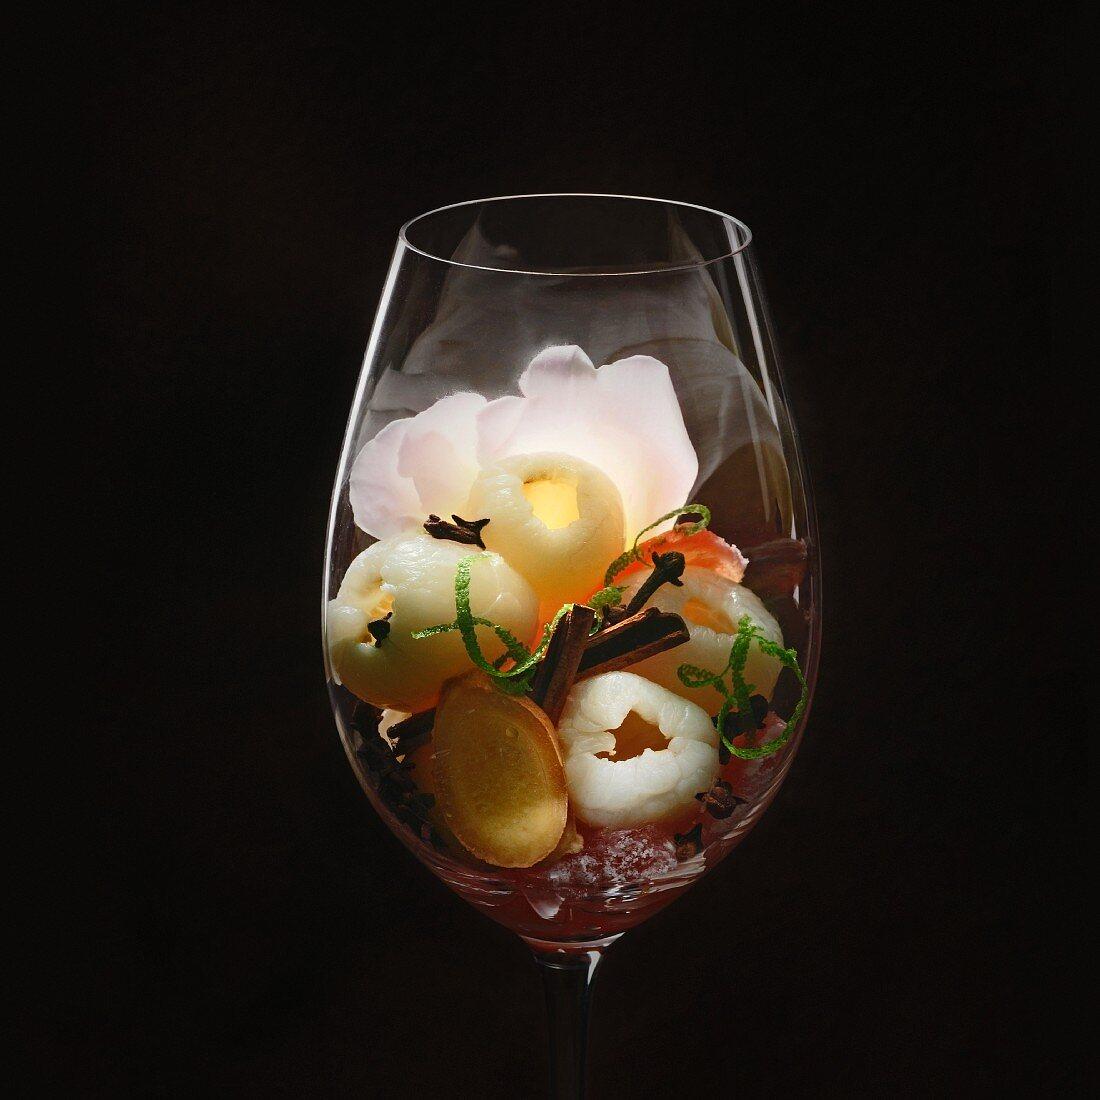 Gewürztraminer-Weinaromen im Weinglas